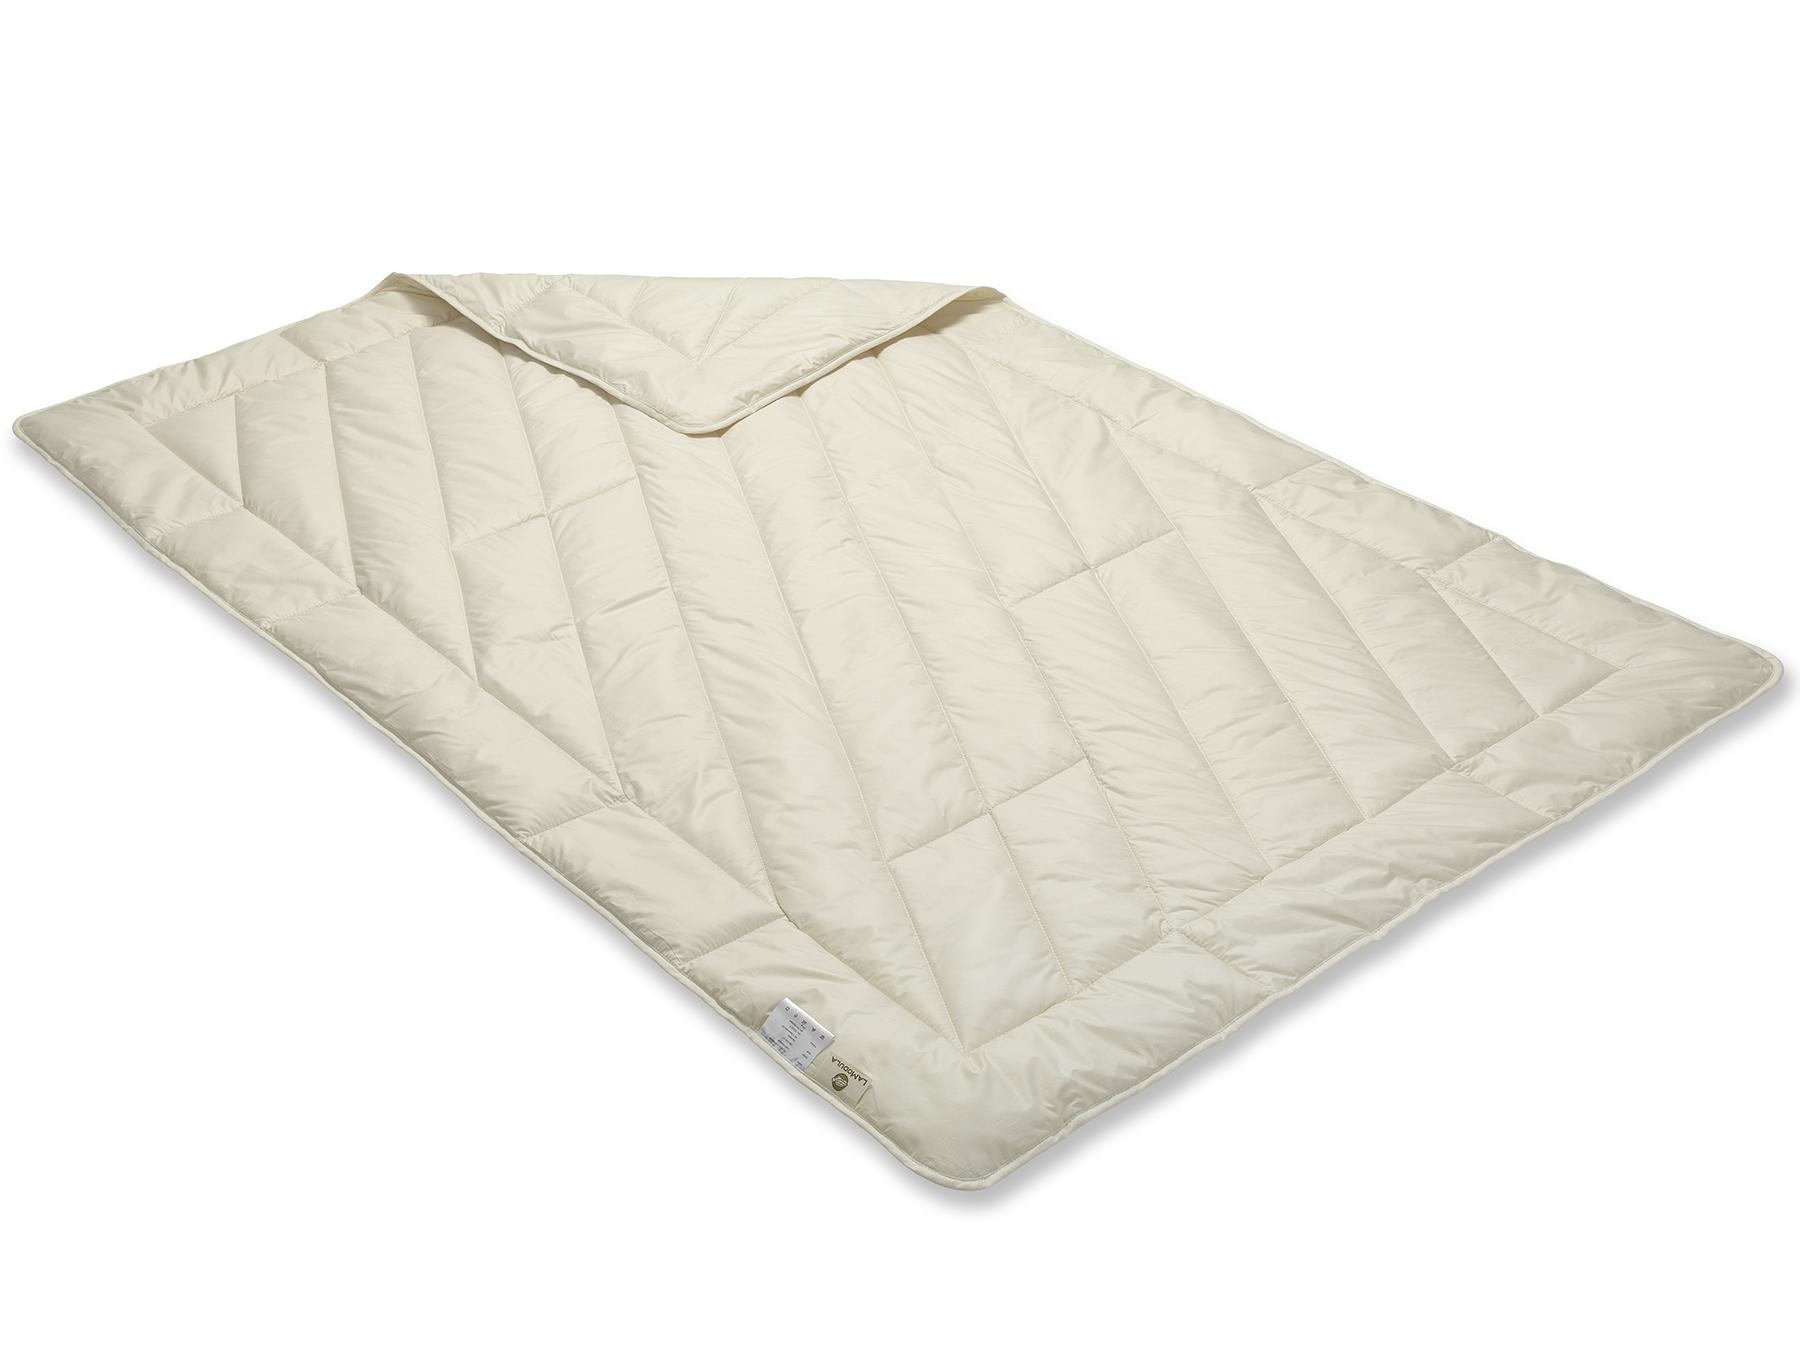 Die Decke wird mit der Einnadeltechnik hergestellt und schimmert durch das weiße Füllmaterial cremig.